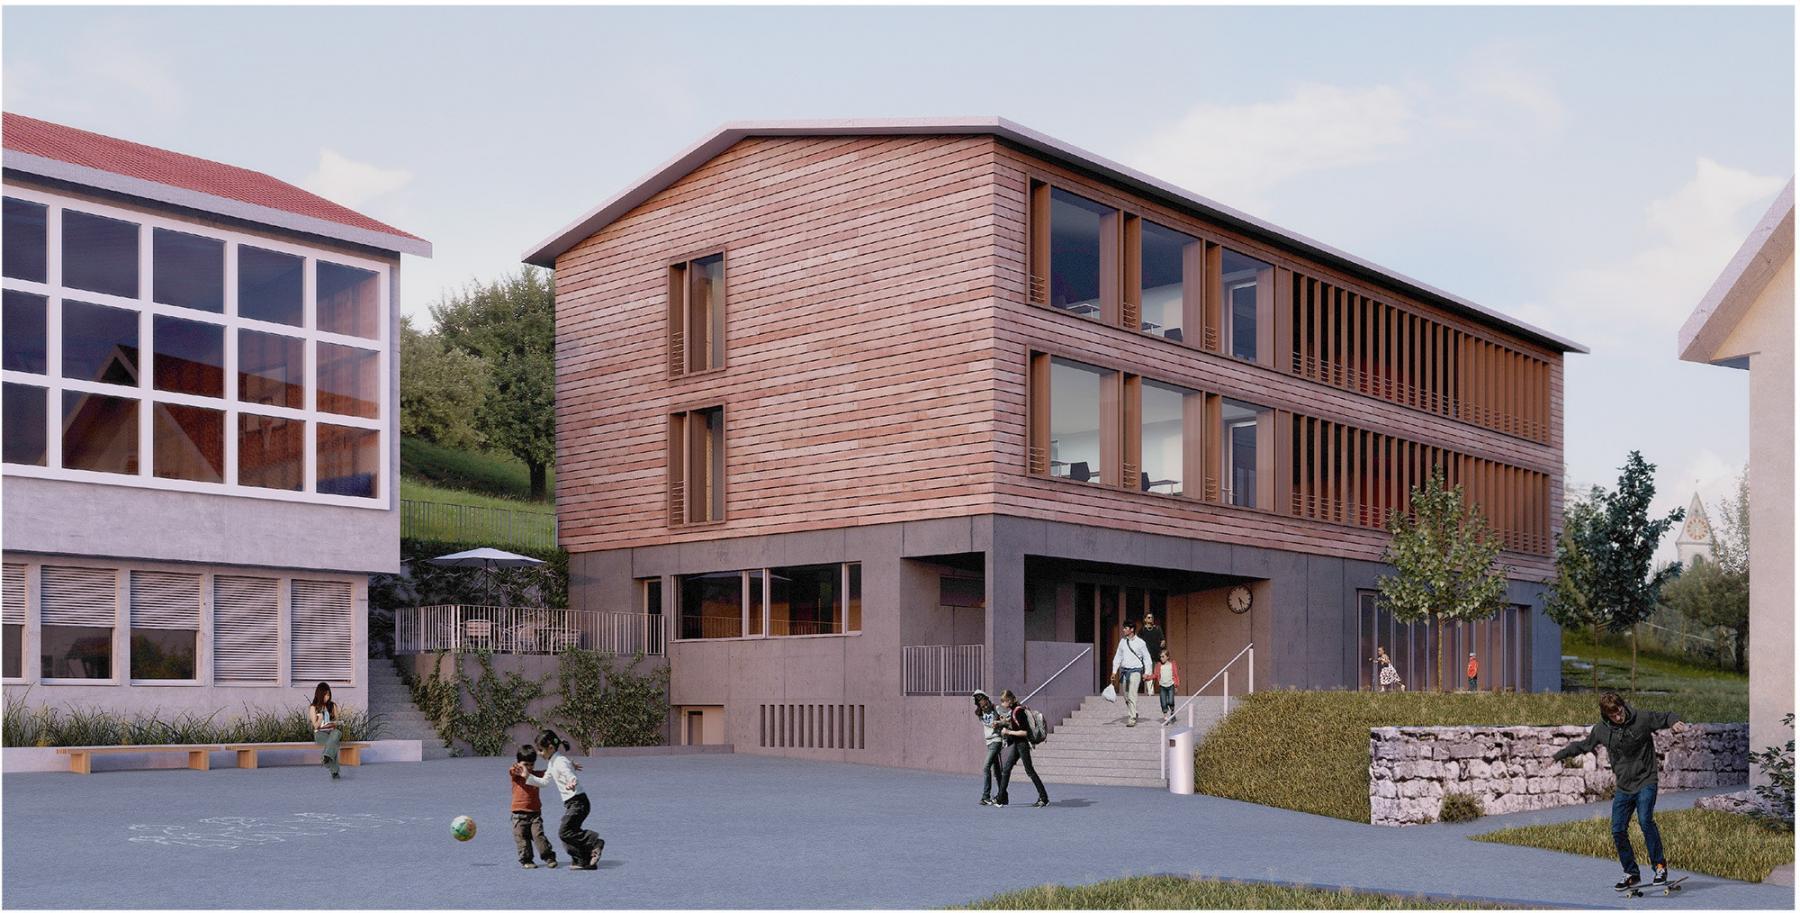 Erweiterung, Sanierung und Umbau Schulanlage Rifferswil, team 4 Architekten, benjamin